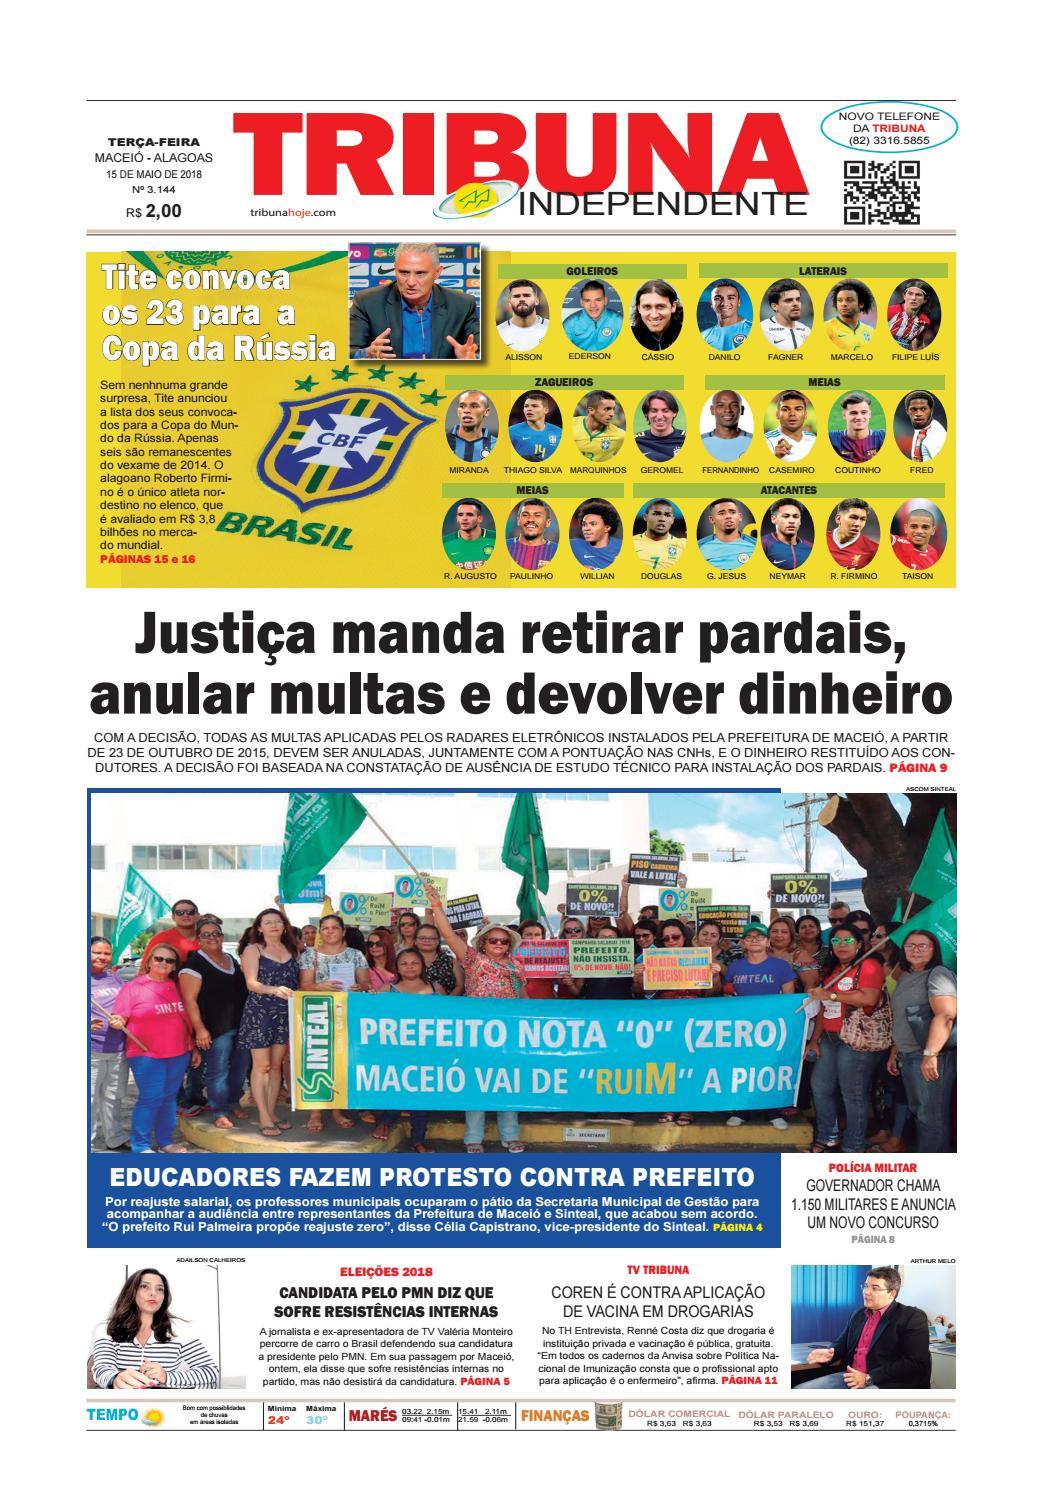 e4767640b1794 Edição número 3144 - 15 de maio de 2018 by Tribuna Hoje - issuu